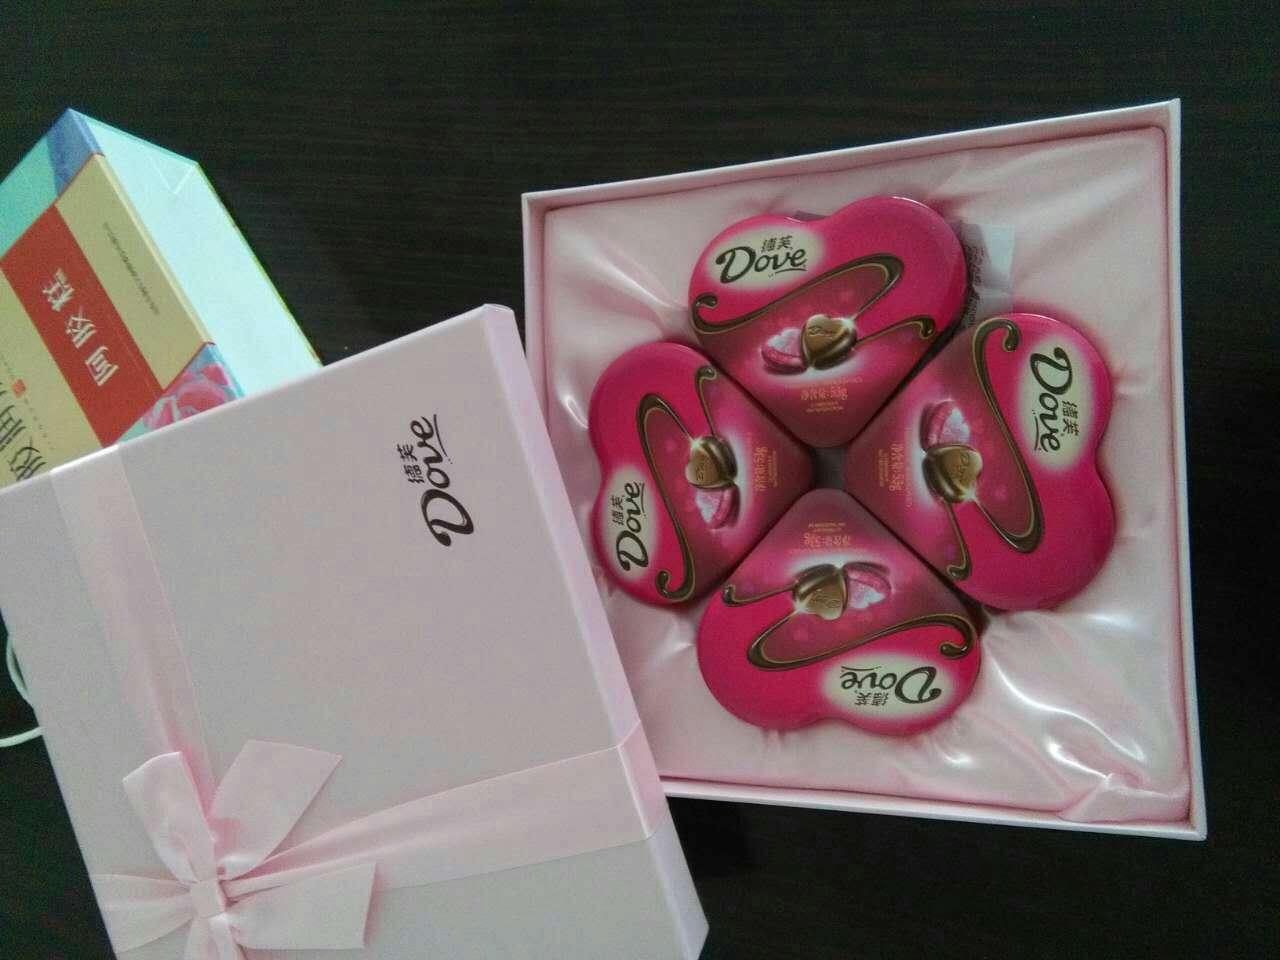 Avec la Lune bleue de la boîte, et elle a donné absolument surprise.à l\'intérieur de l\'emballage est très belle, la livraison de levier de vitesse! best online jewelry auctions airmax97 0947082 cheaponsale